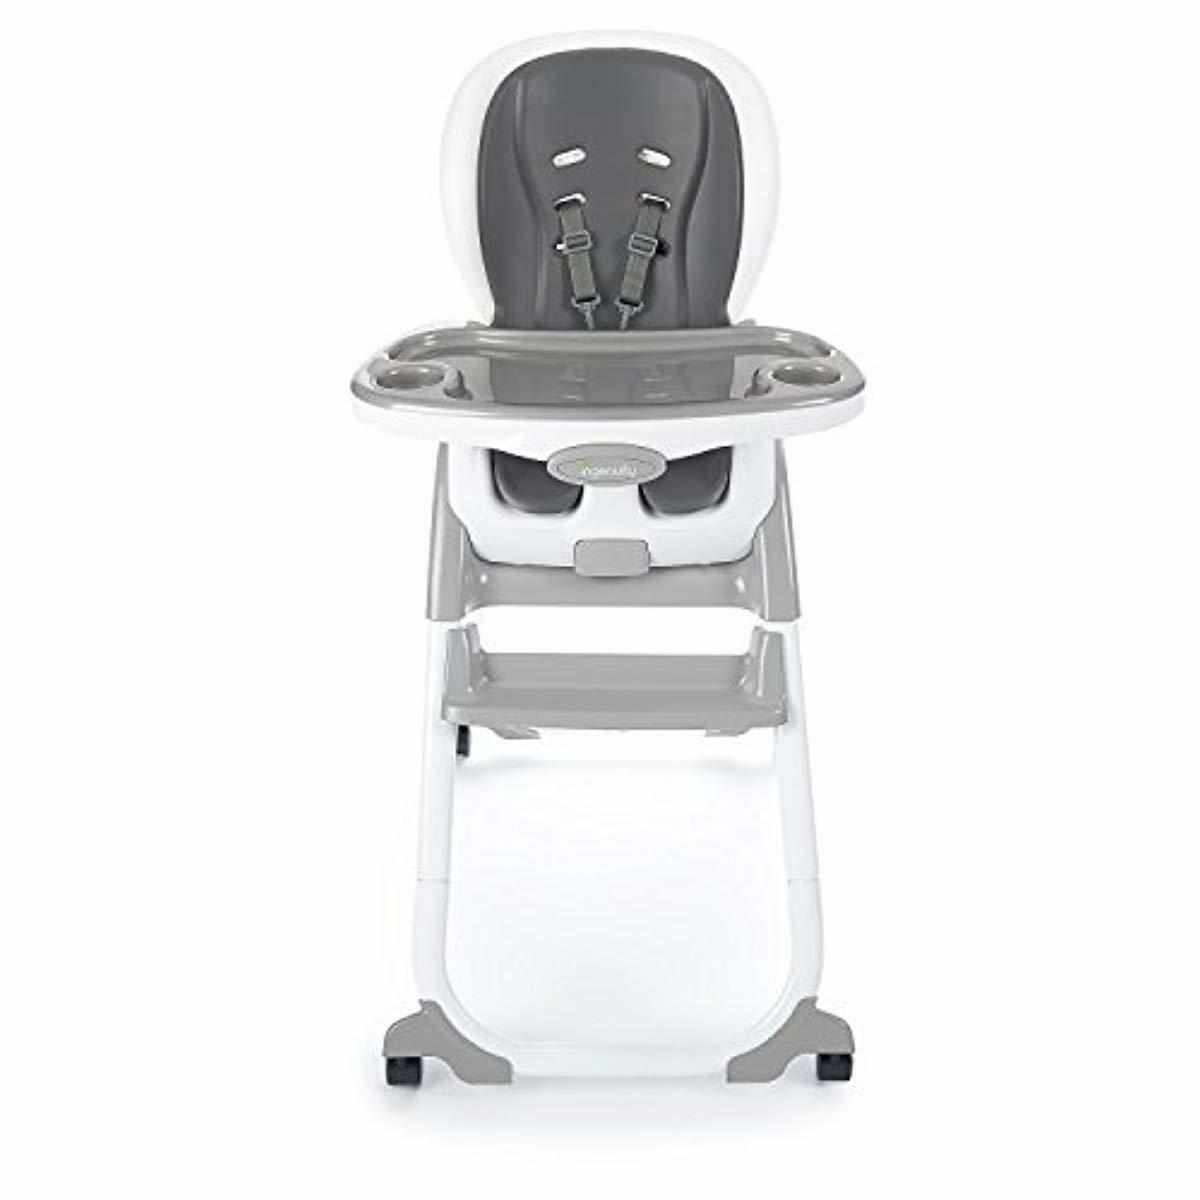 La silla Alta Portátil De Viaje Lavable Booster Asiento de bebé con correas del niño SA